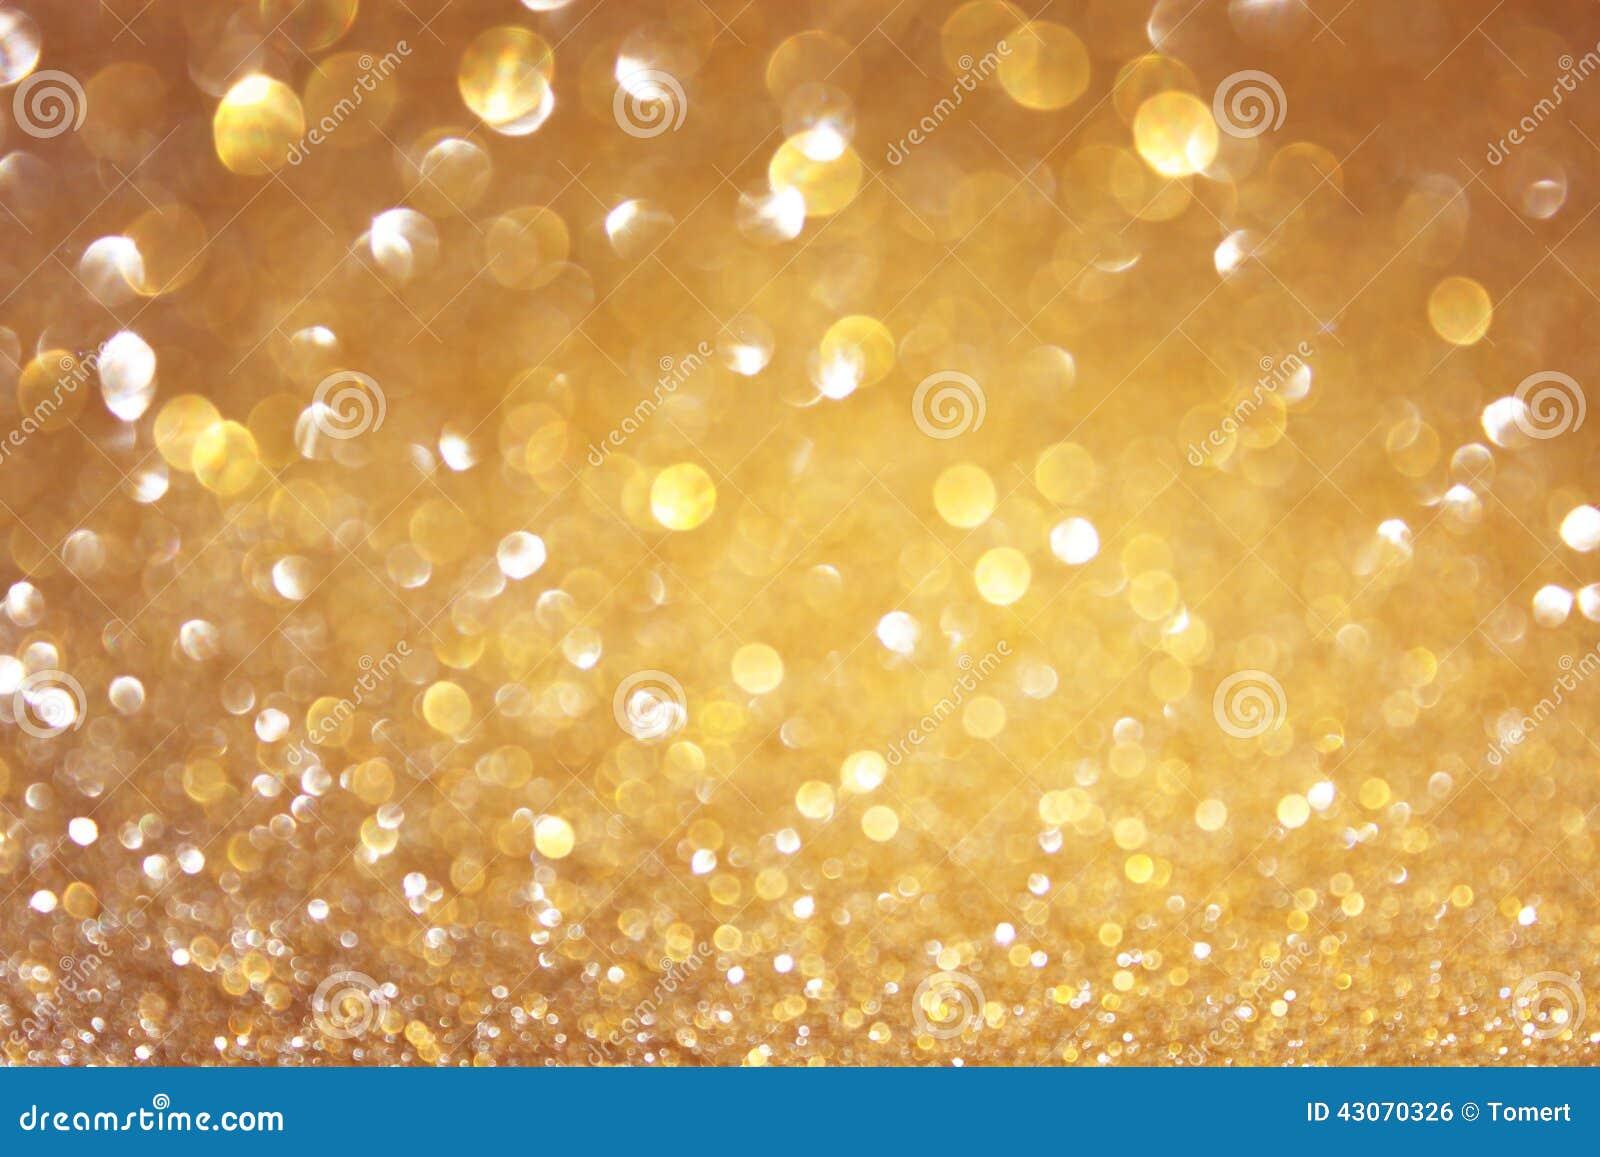 Abstraktes Foto des Lichtes barst und funkelt bokeh Lichter Bild wird verwischt und gefiltert